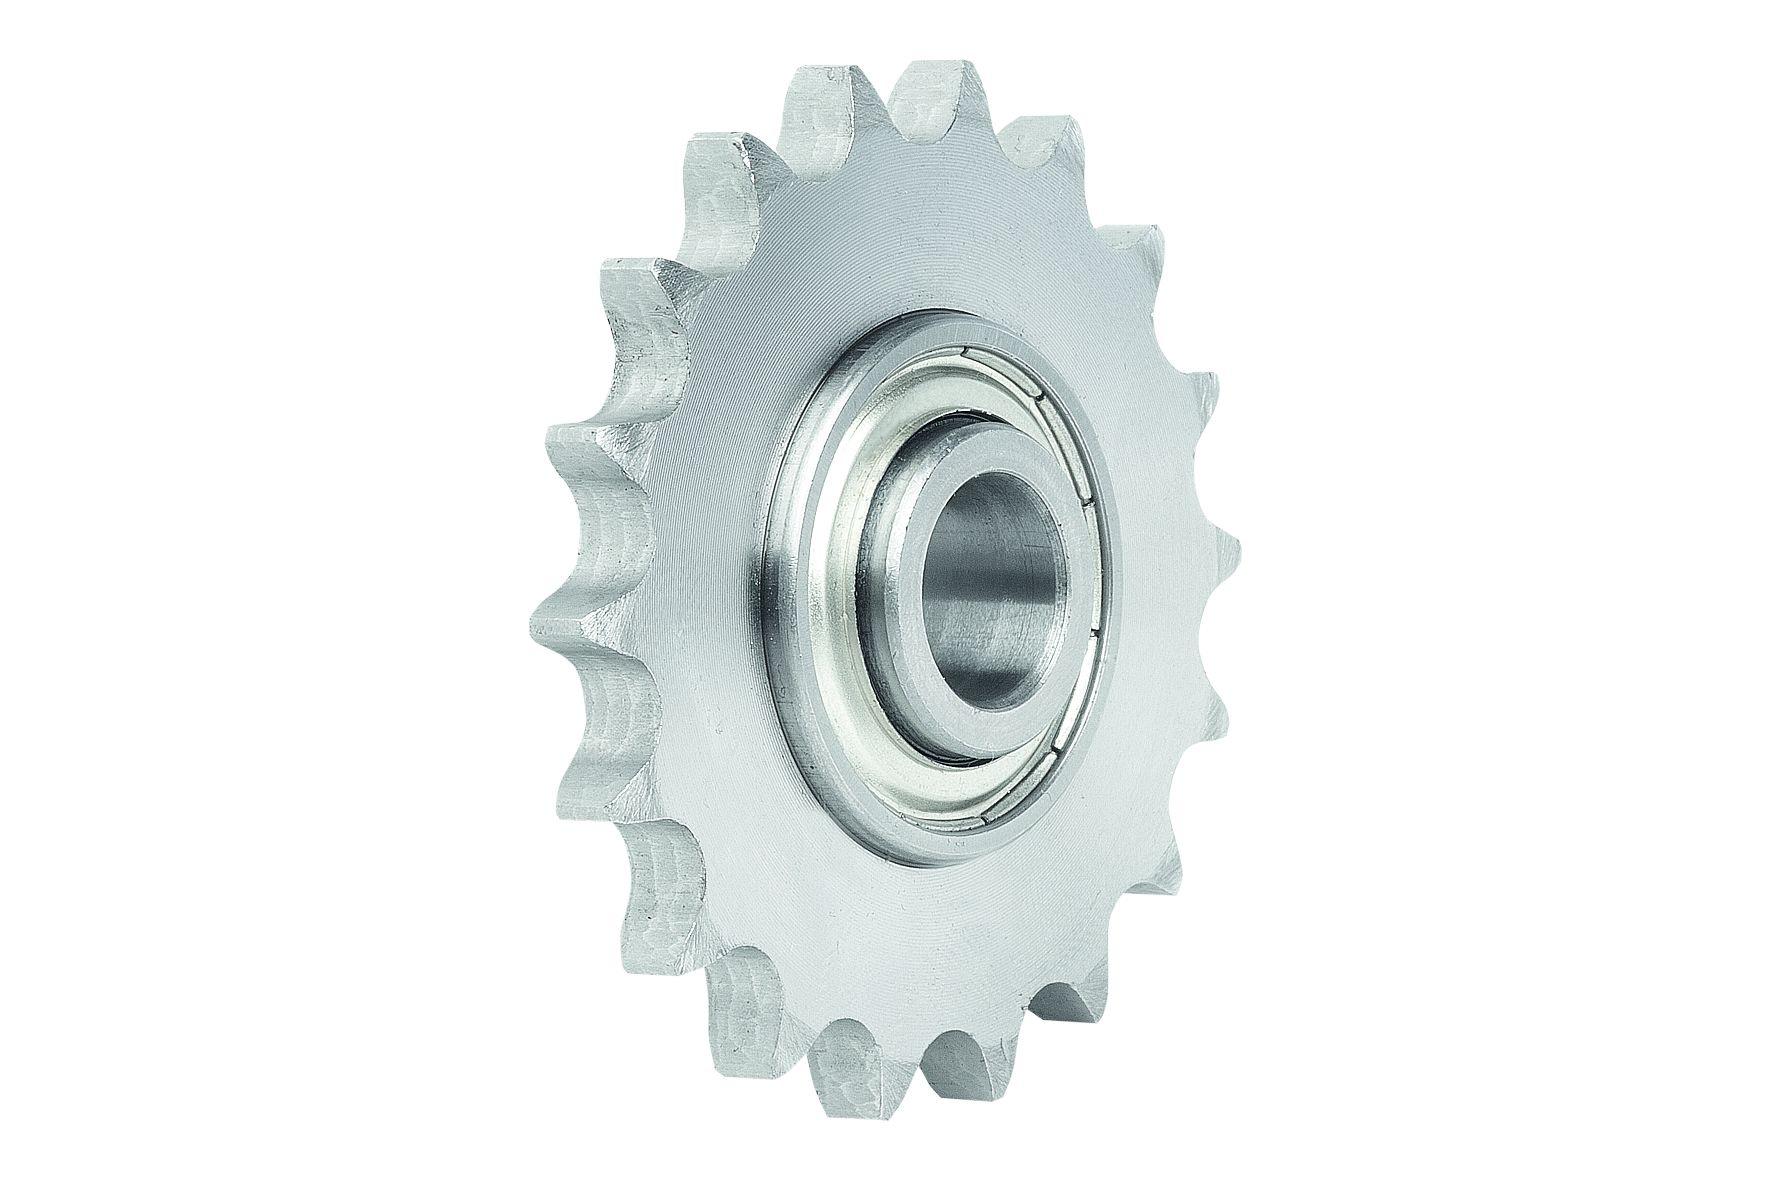 Werkstoff: Kettenrad Stahl C45. Kugellager aus Wälzlagerstahl. Ausführung: Kettenrad brüniert. Hinweis: Einbaufertige Ke